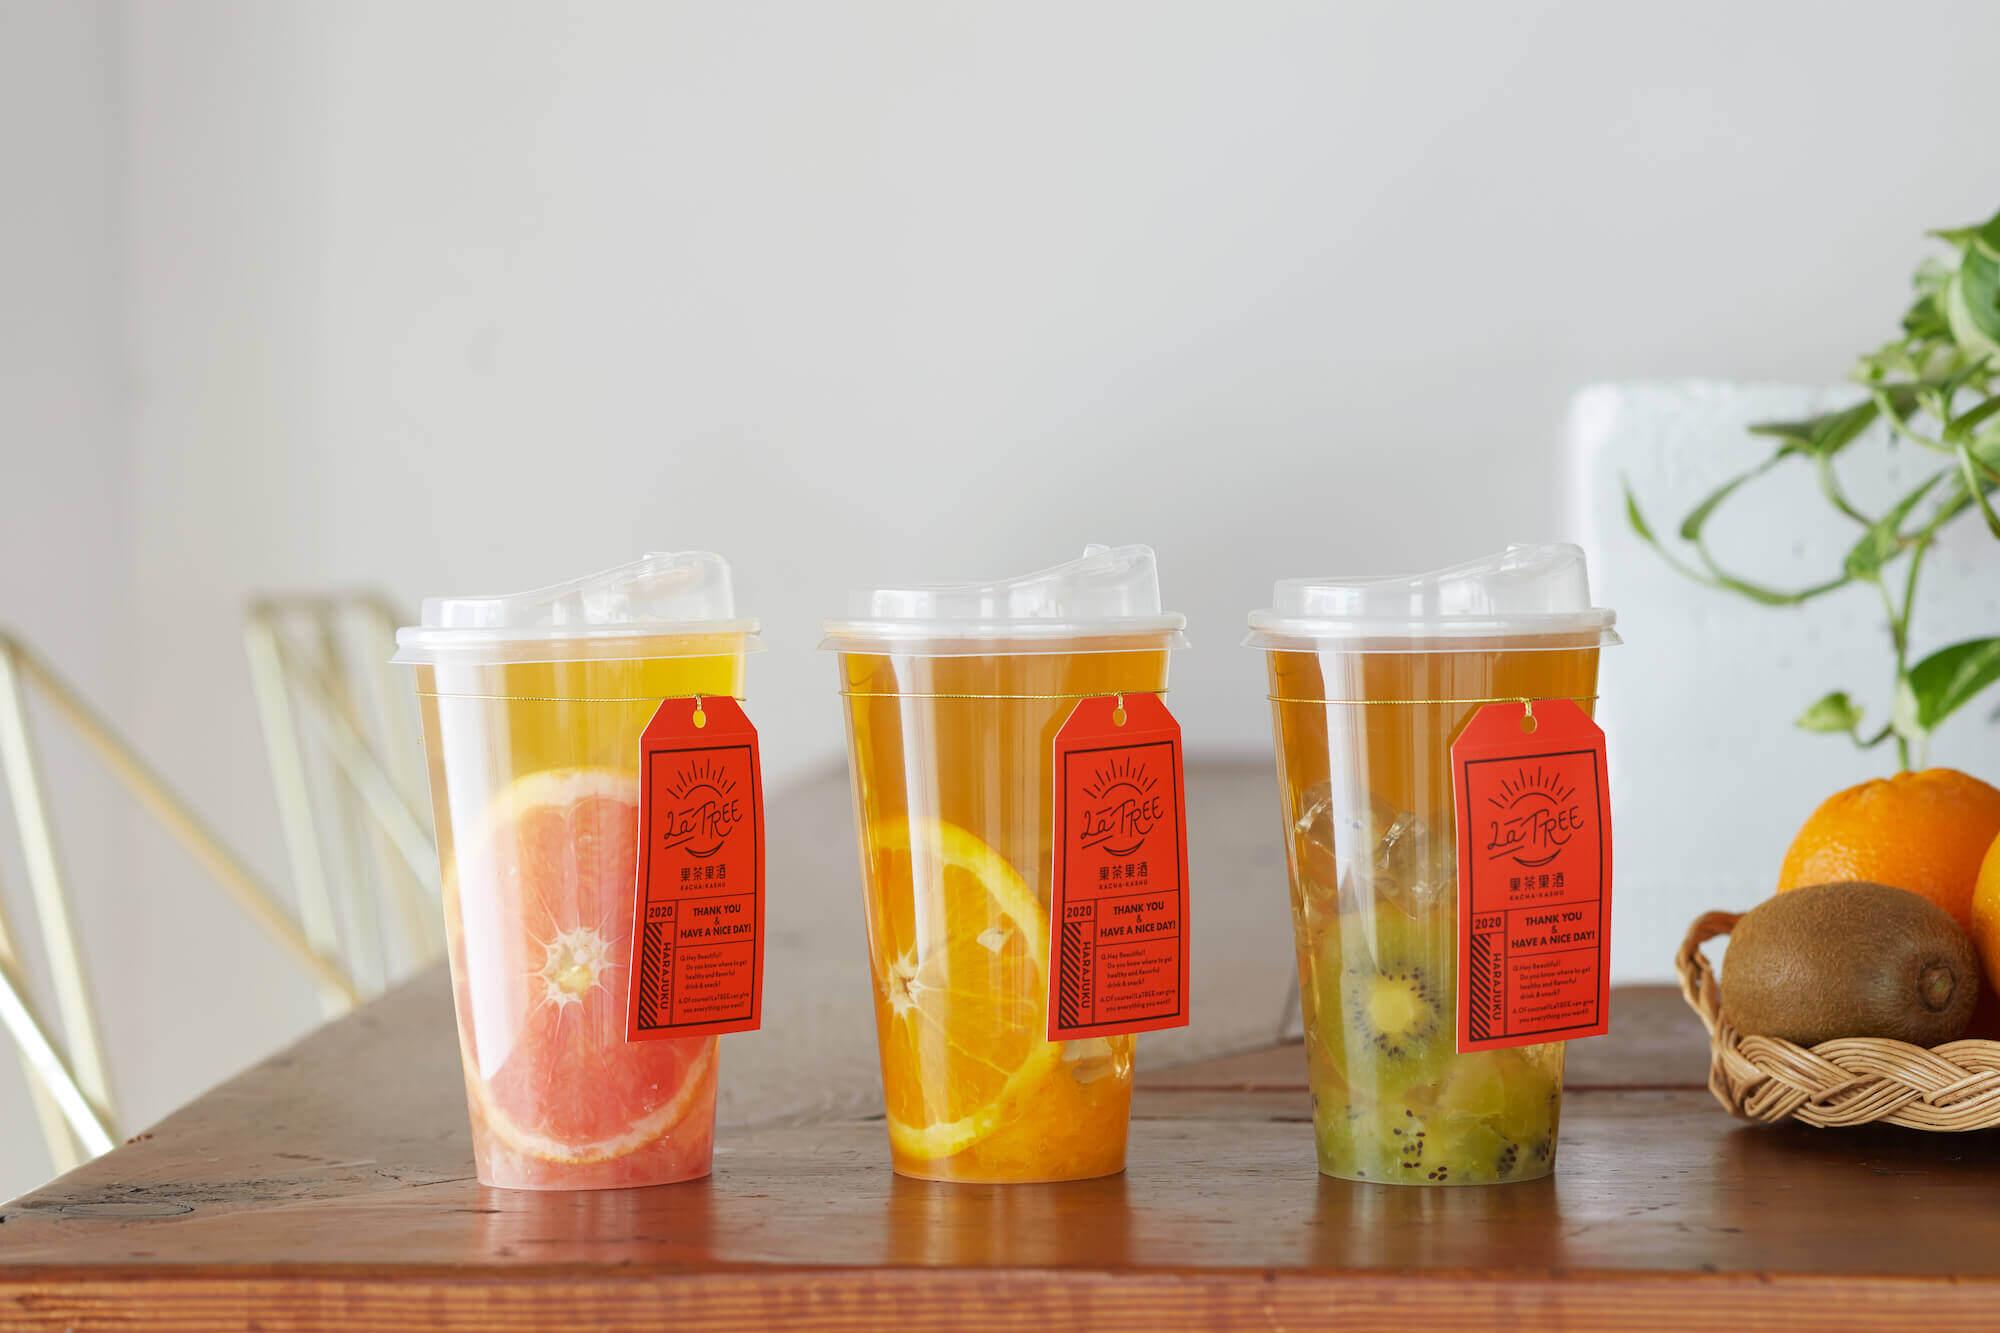 果肉 定番フルーツティーキウイ/¥630(税込み)、グレープフルーツ、オレンジ/¥650(ともに税込み)